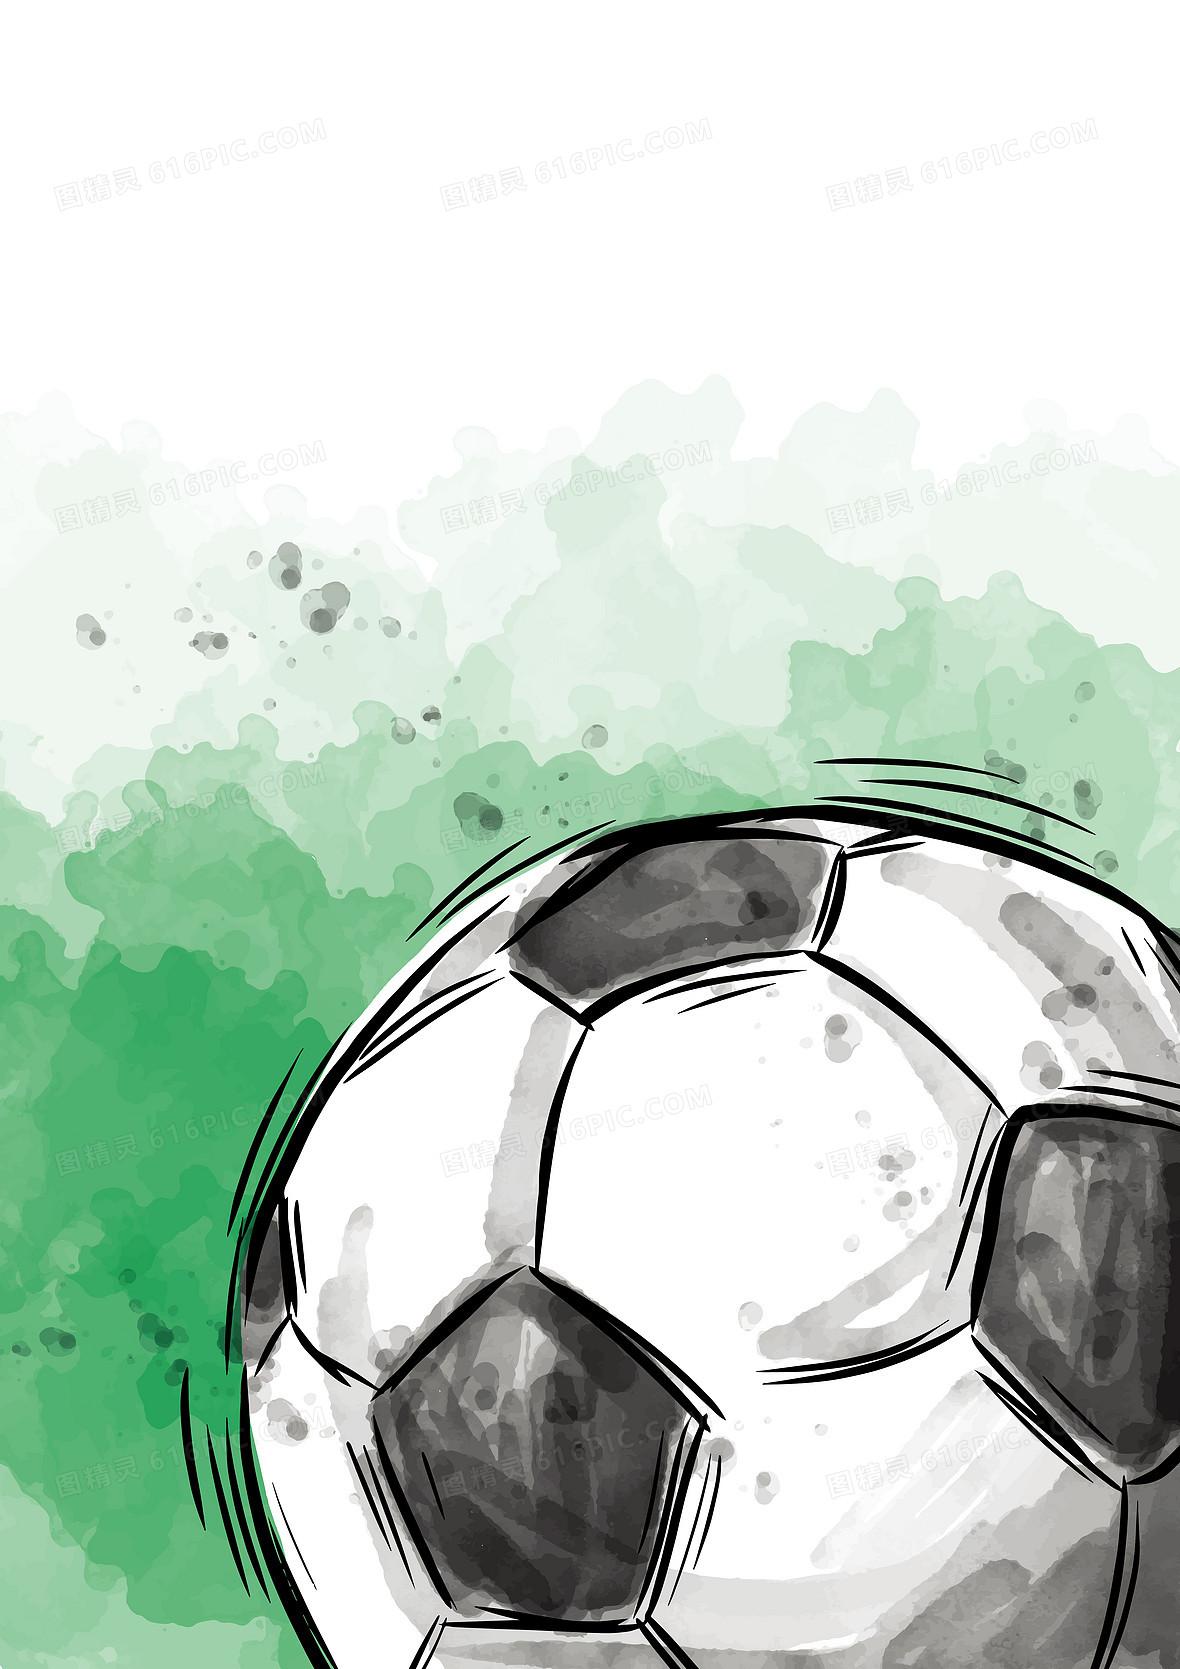 彩色水彩手绘足球海报背景素材